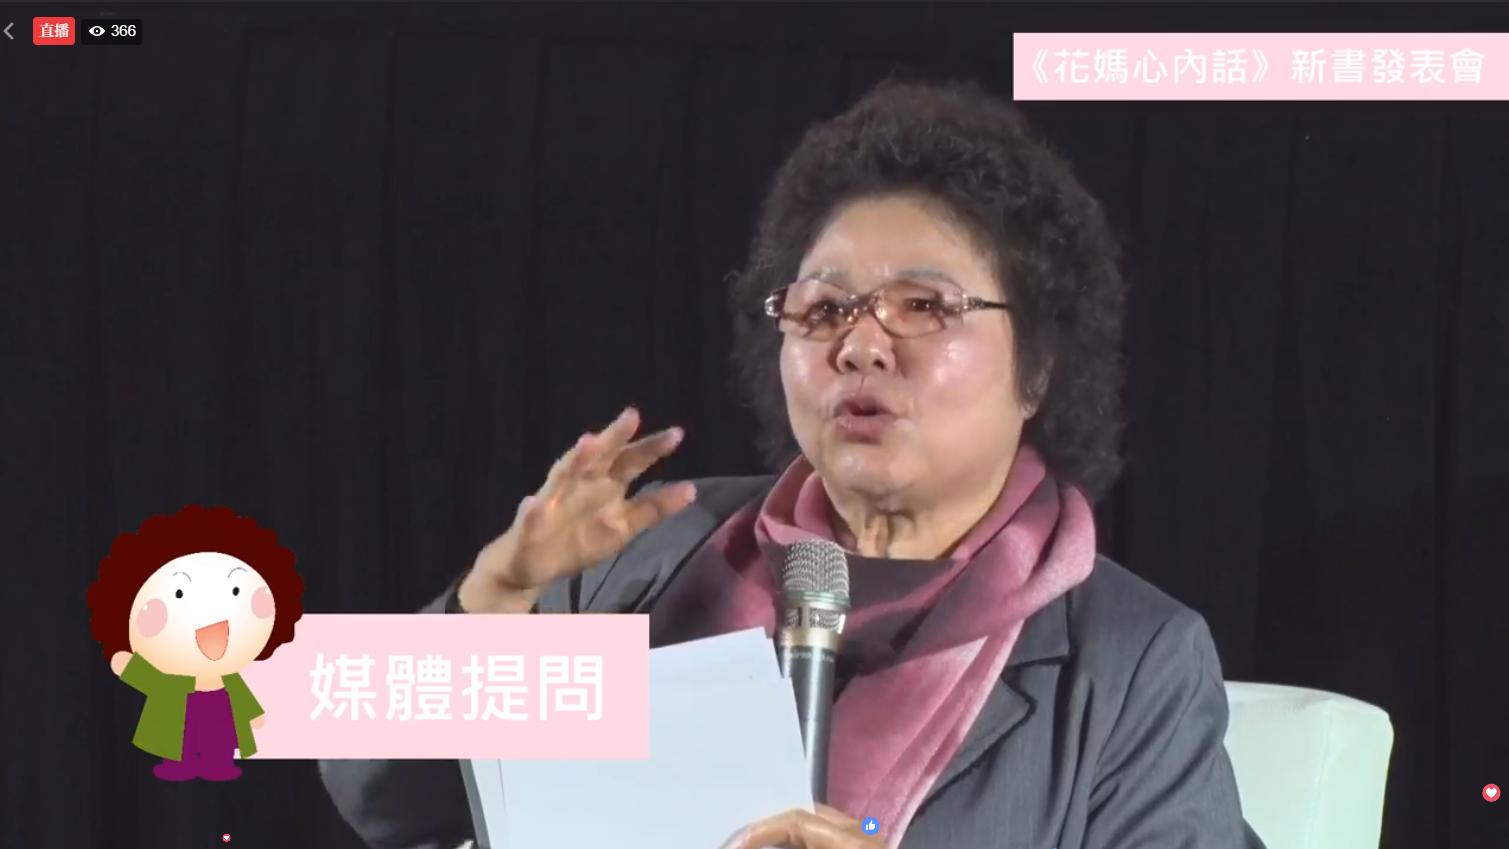 《心內話》引黨內紛爭 陳菊:作者逼我當壞人